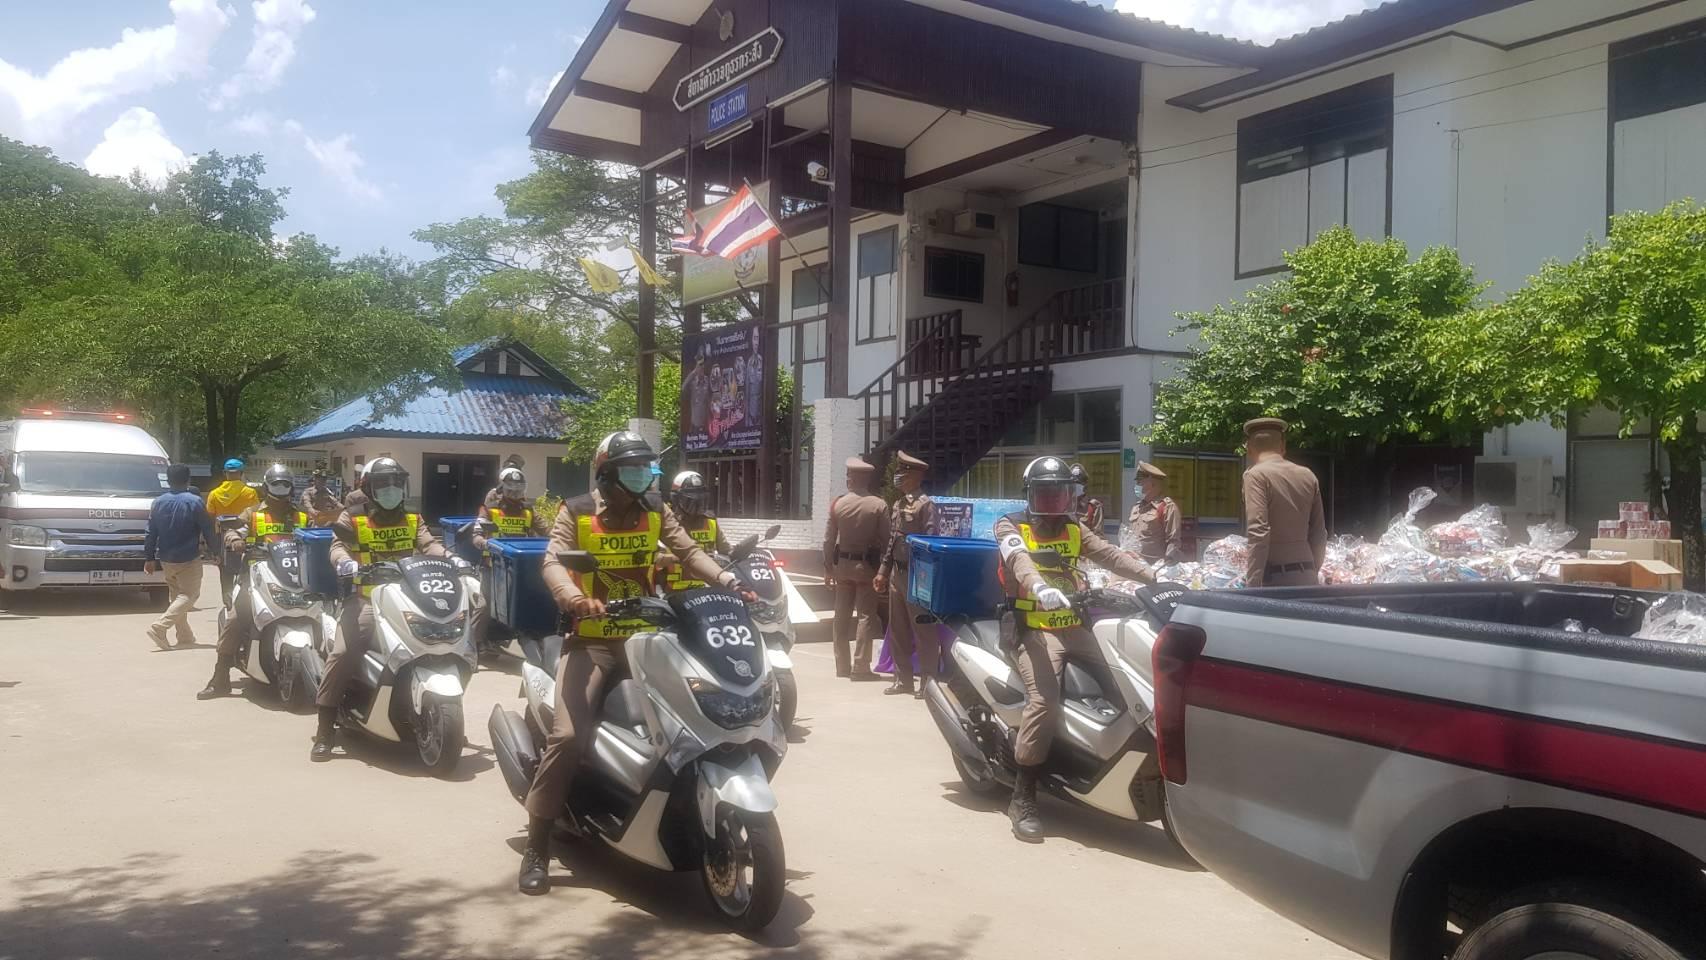 สภ.กระสัง ร่วมกับเอกชนปล่อยขบวน Grab Police ส่งมอบถุงยังชีพช่วยผู้ประสบภัยโควิดถึงบ้าน